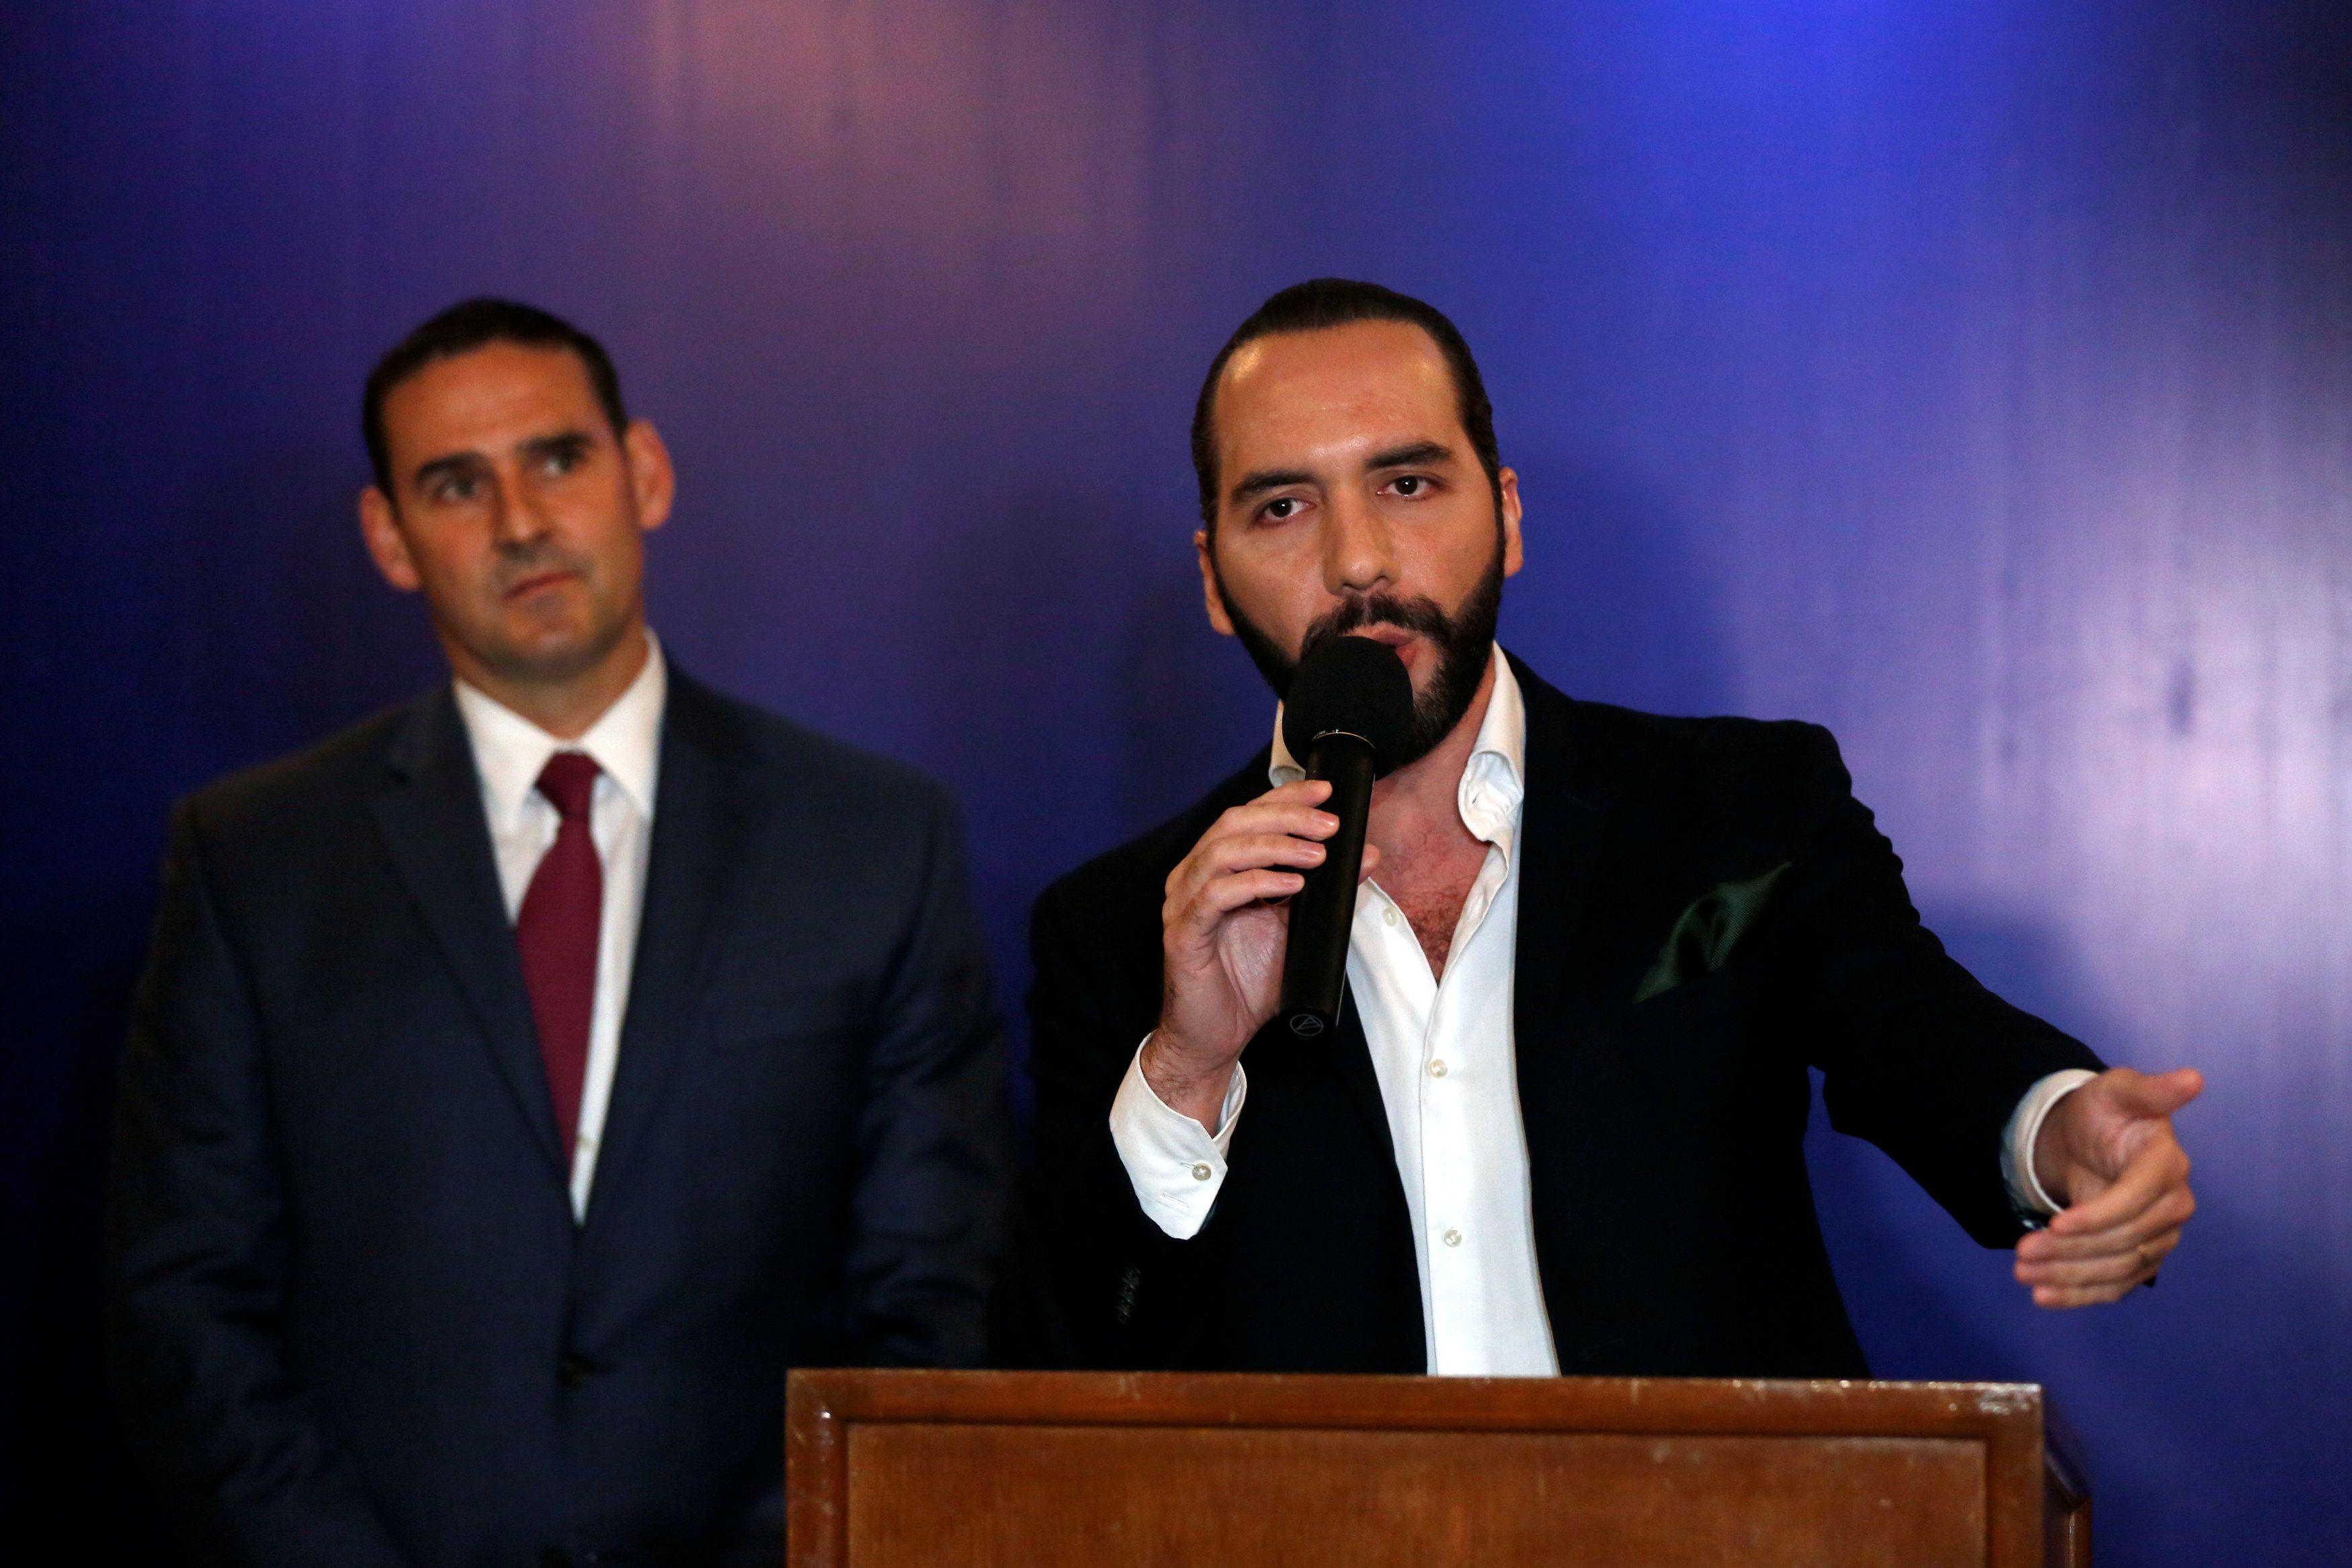 El presidente de El Salvador Nayib Bukele, junto con el ex alcalde Ernesto Muyshondt